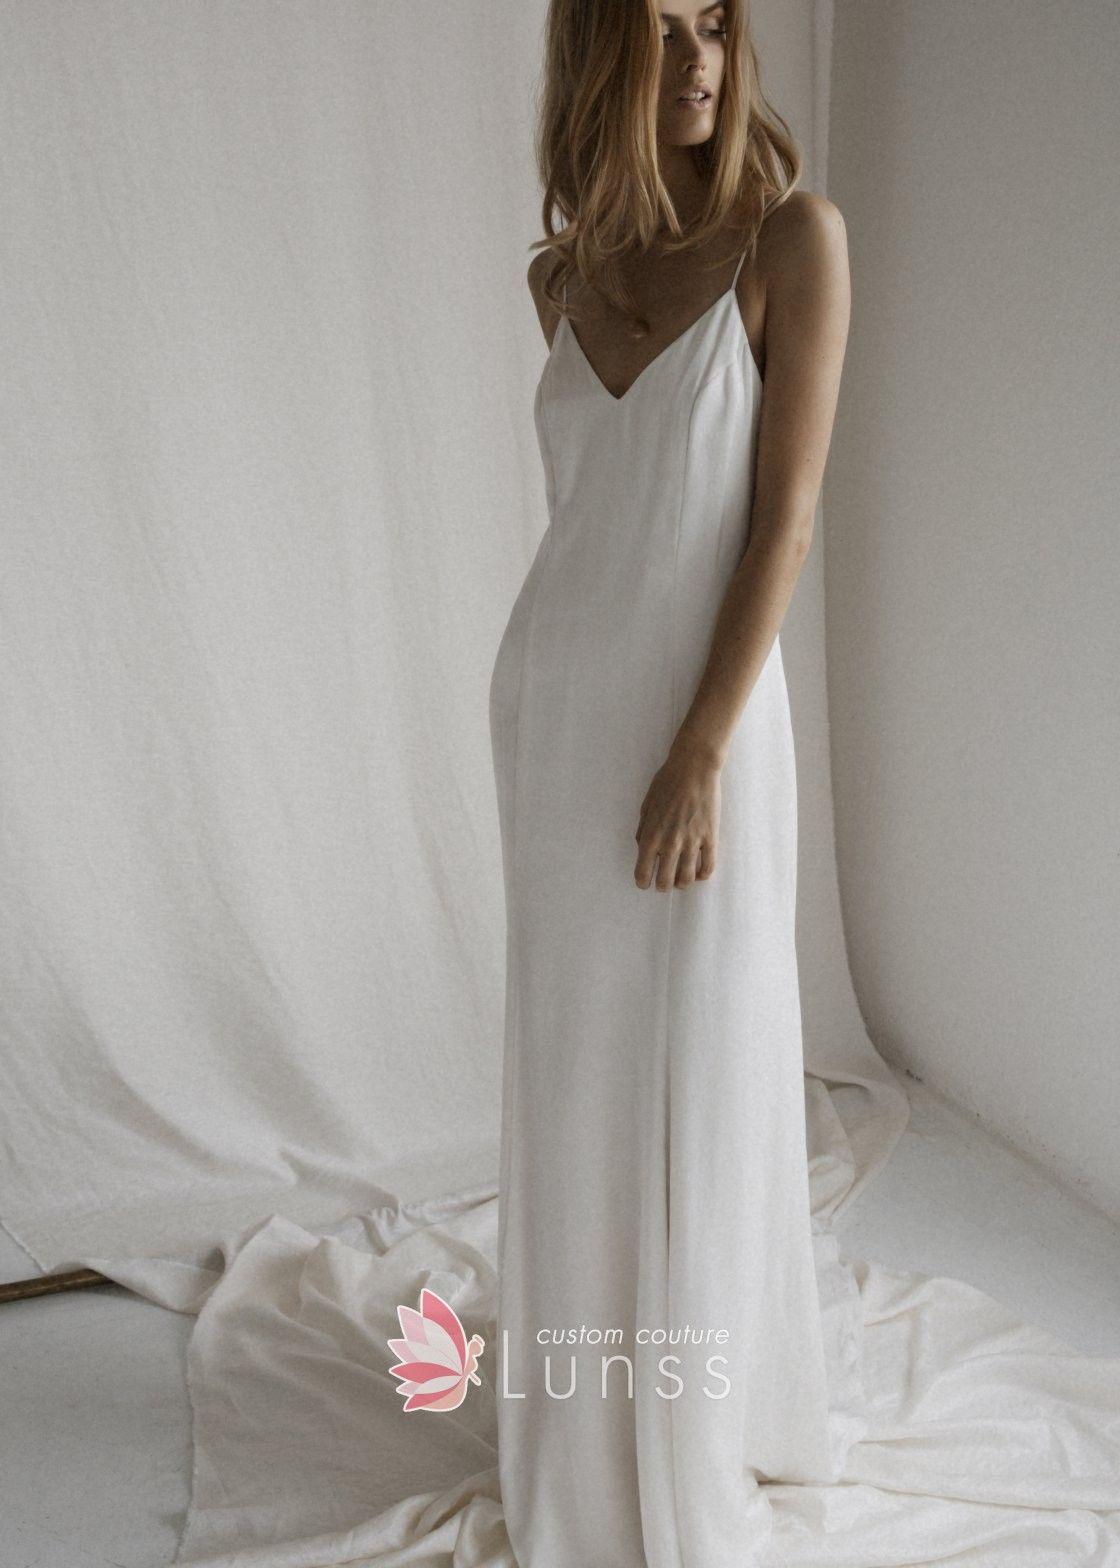 Plunging V Back White A Line Bridal Shower Dress Slip Wedding Dress Bridal Shower Dress Dresses [ 1568 x 1120 Pixel ]